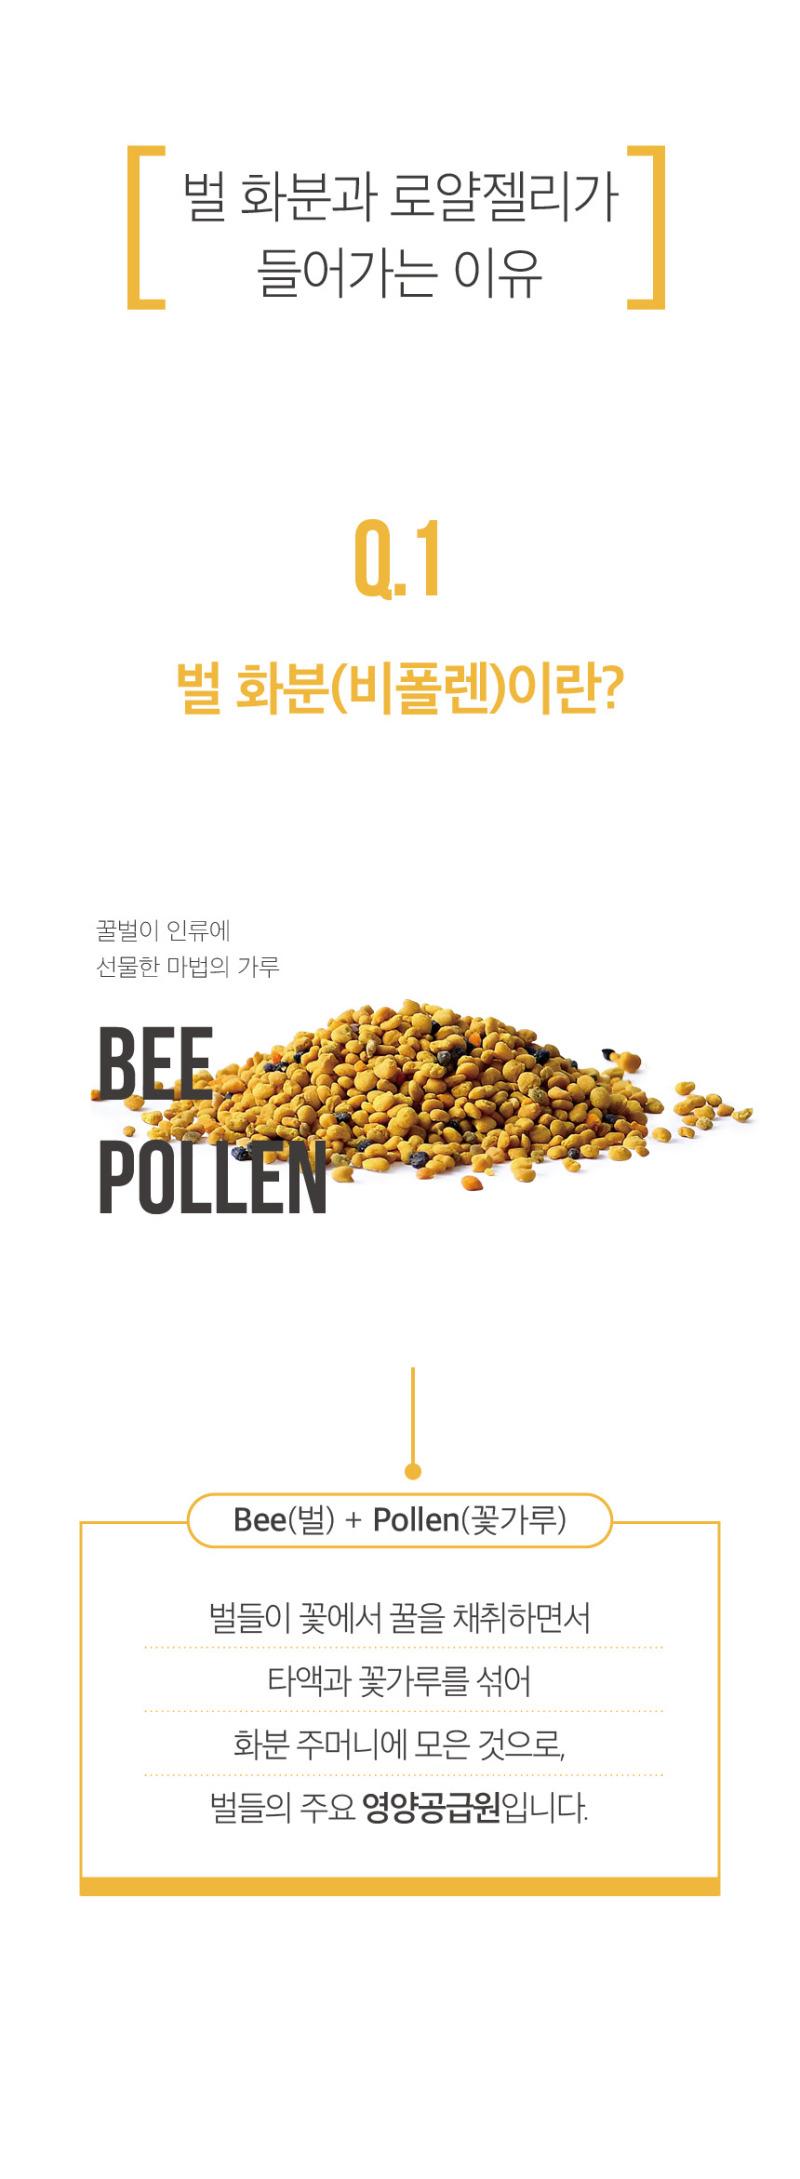 포인트01_벌화분